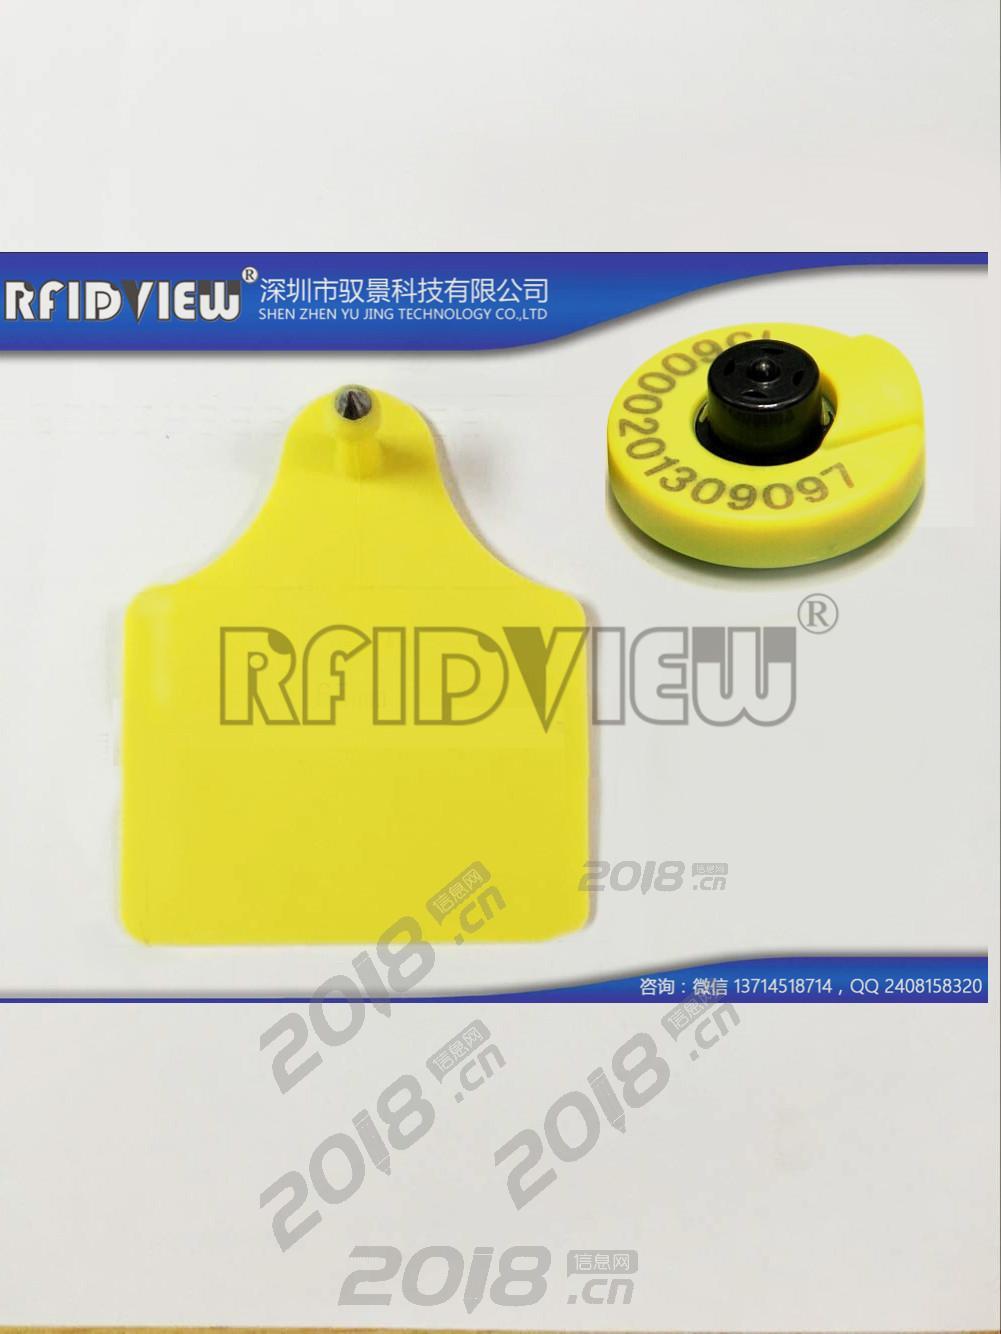 RFID生猪养殖管理方案